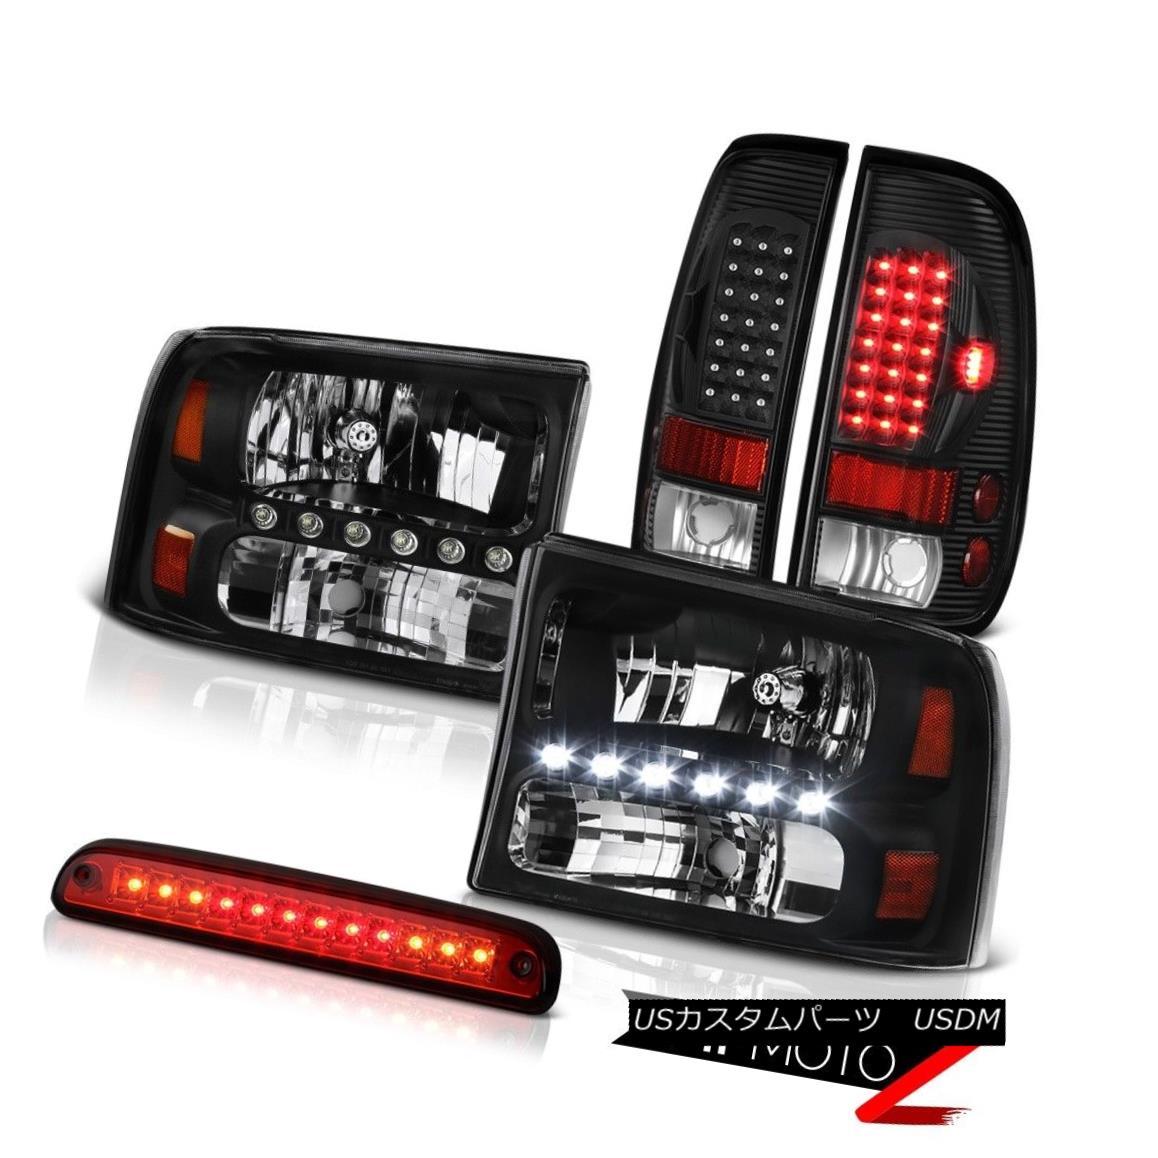 ヘッドライト Black Headlamps Roof Third Brake LED Red Tail Light 99 00 01 02 03 04 F350 XL ブラックヘッドランプ屋根第3ブレーキLEDレッドテールライト99 00 01 02 03 04 F350 XL